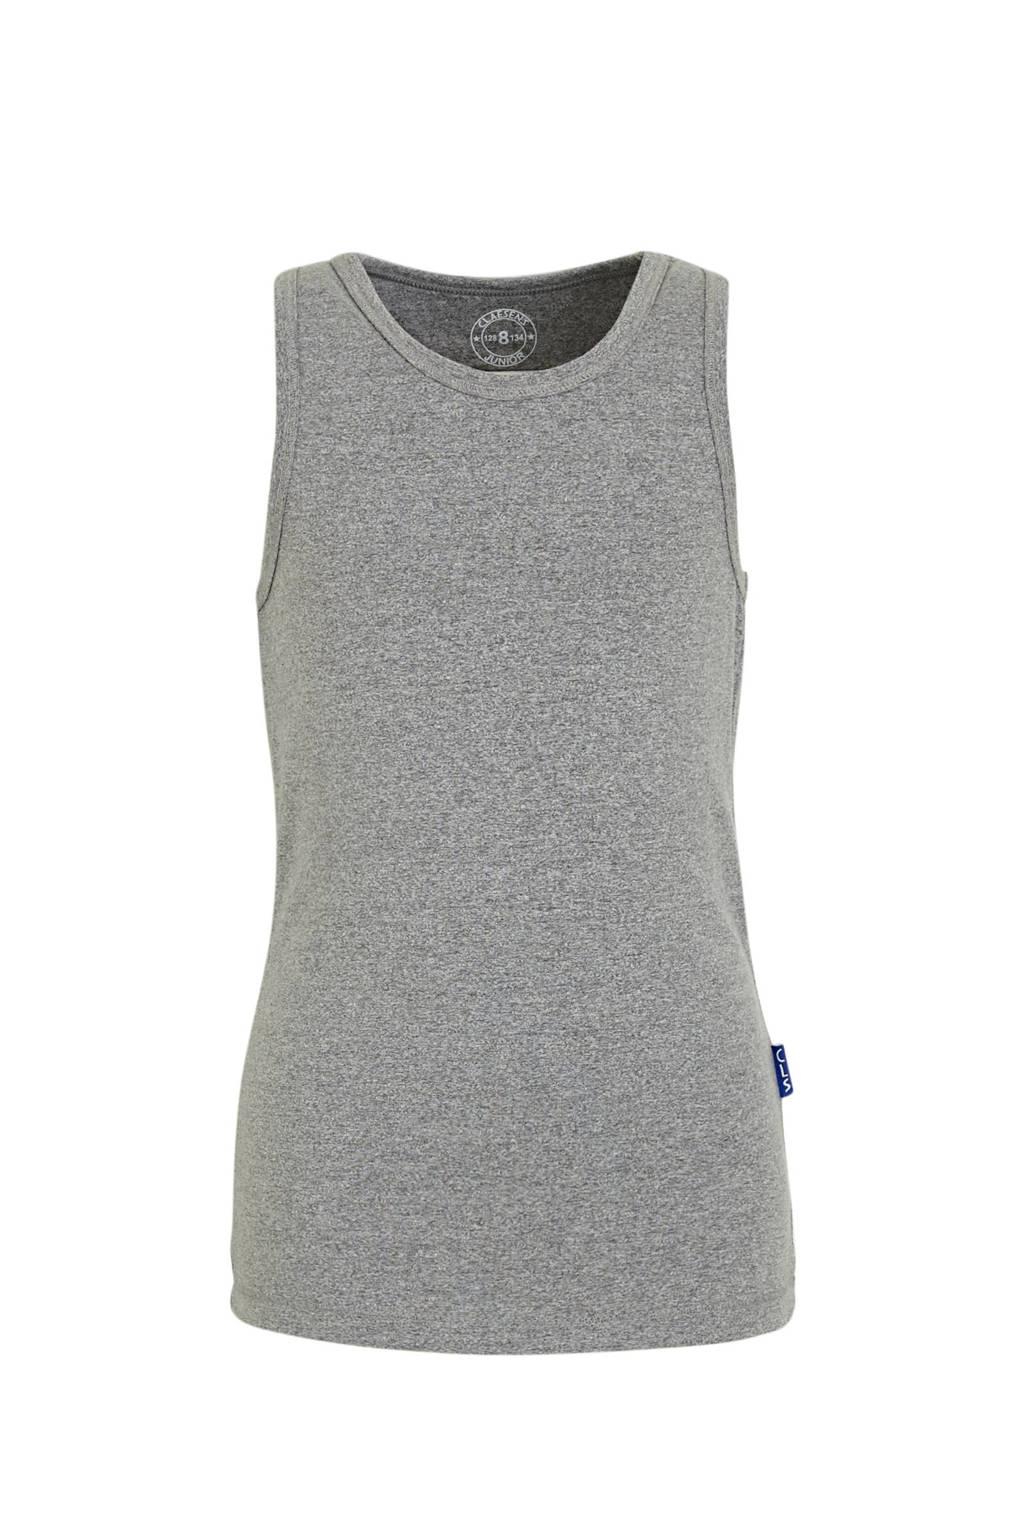 Claesen's hemd grijs melange, Grijs melange/wit